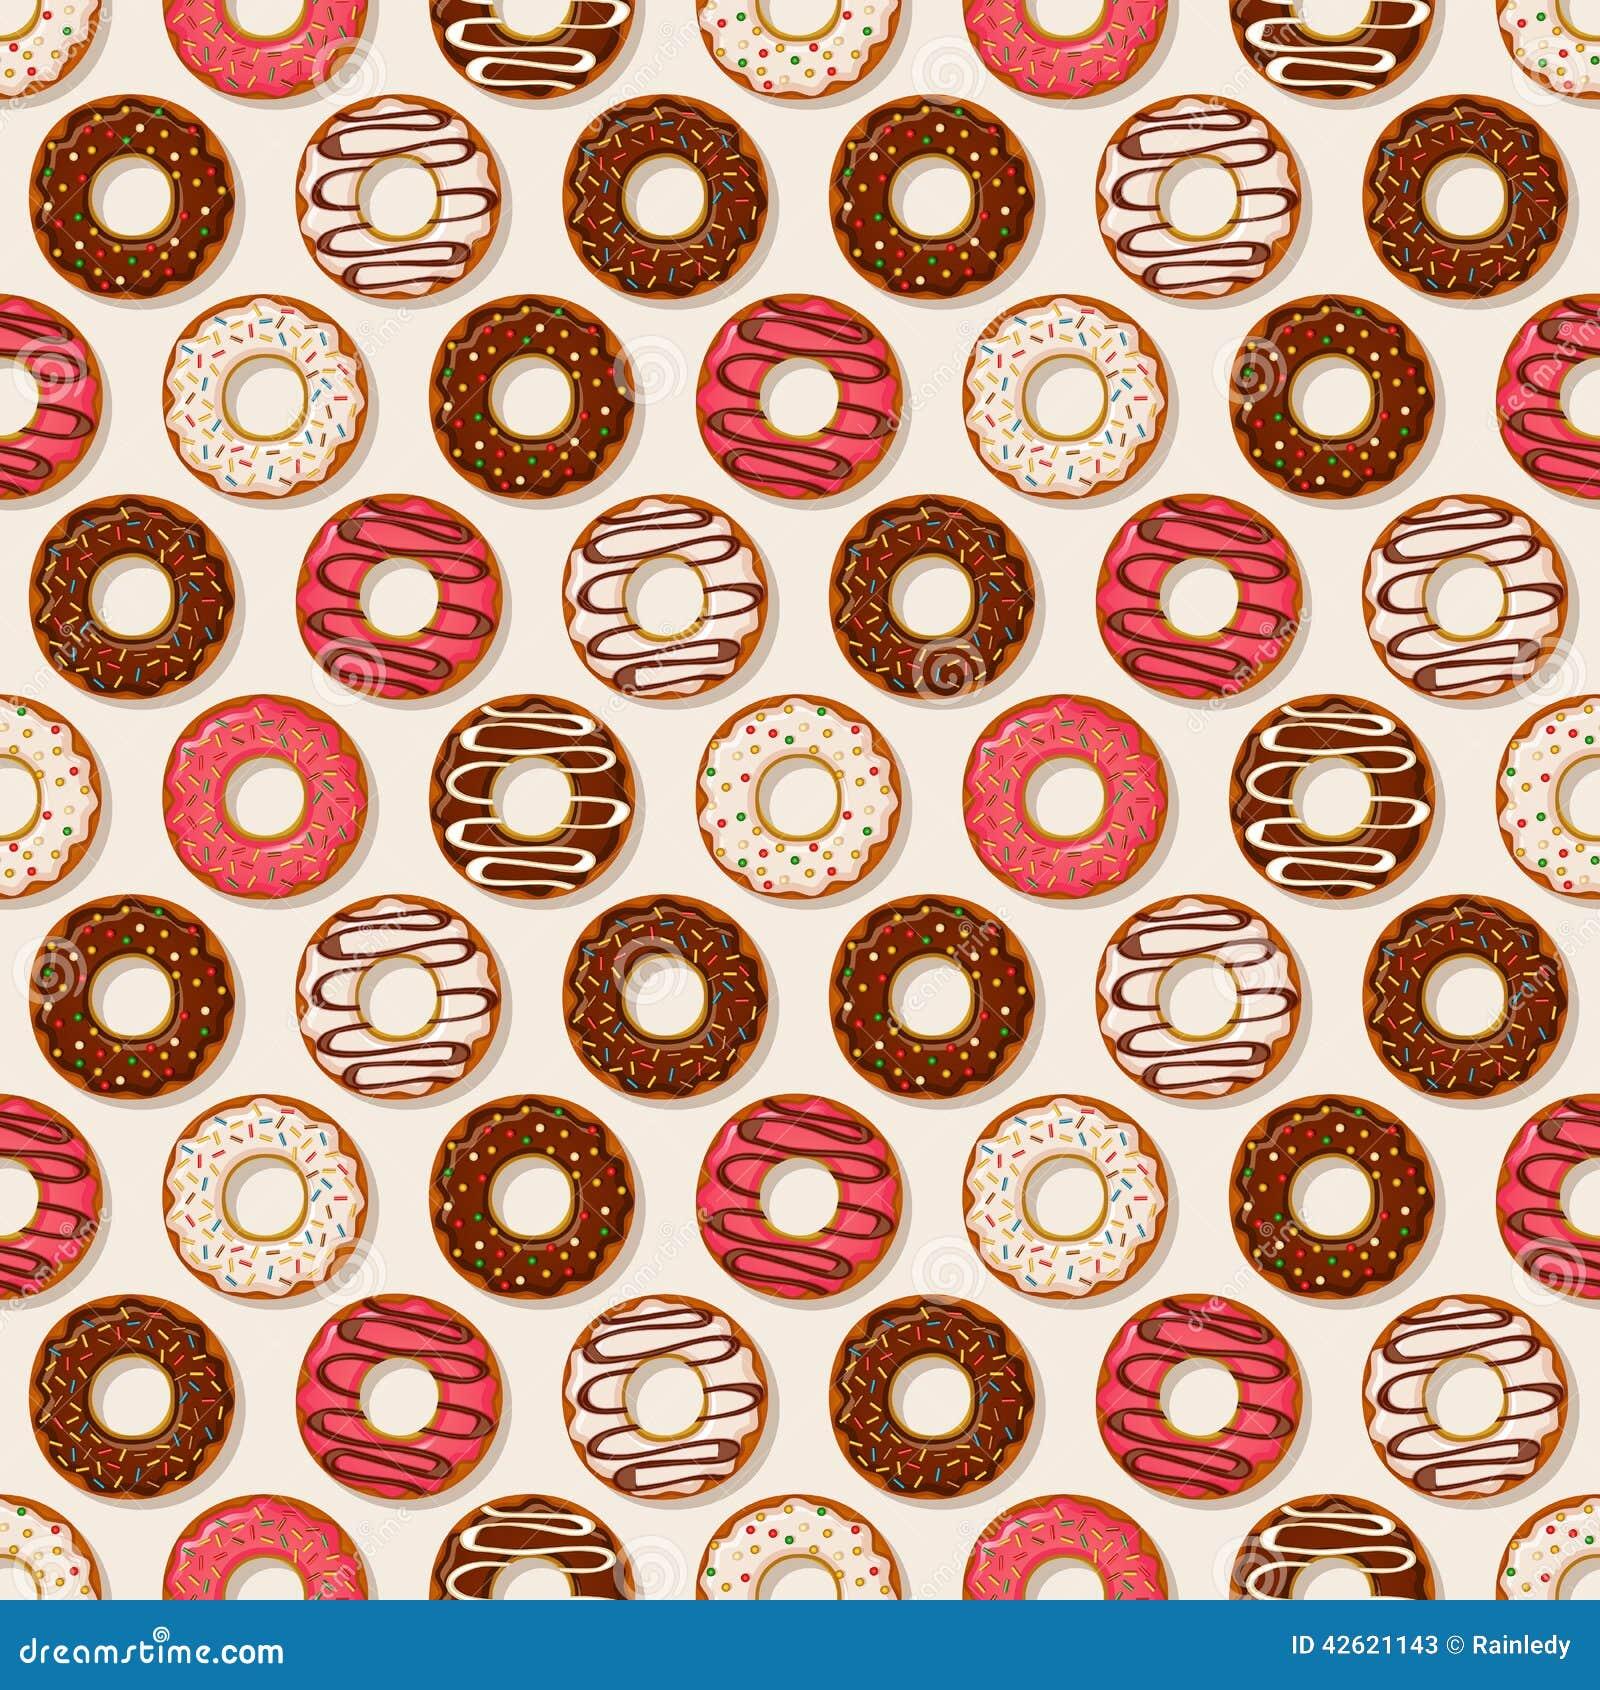 σειρά τροφίμων ανασκόπησης donuts άνευ ραφής διάνυσμα προτύπων